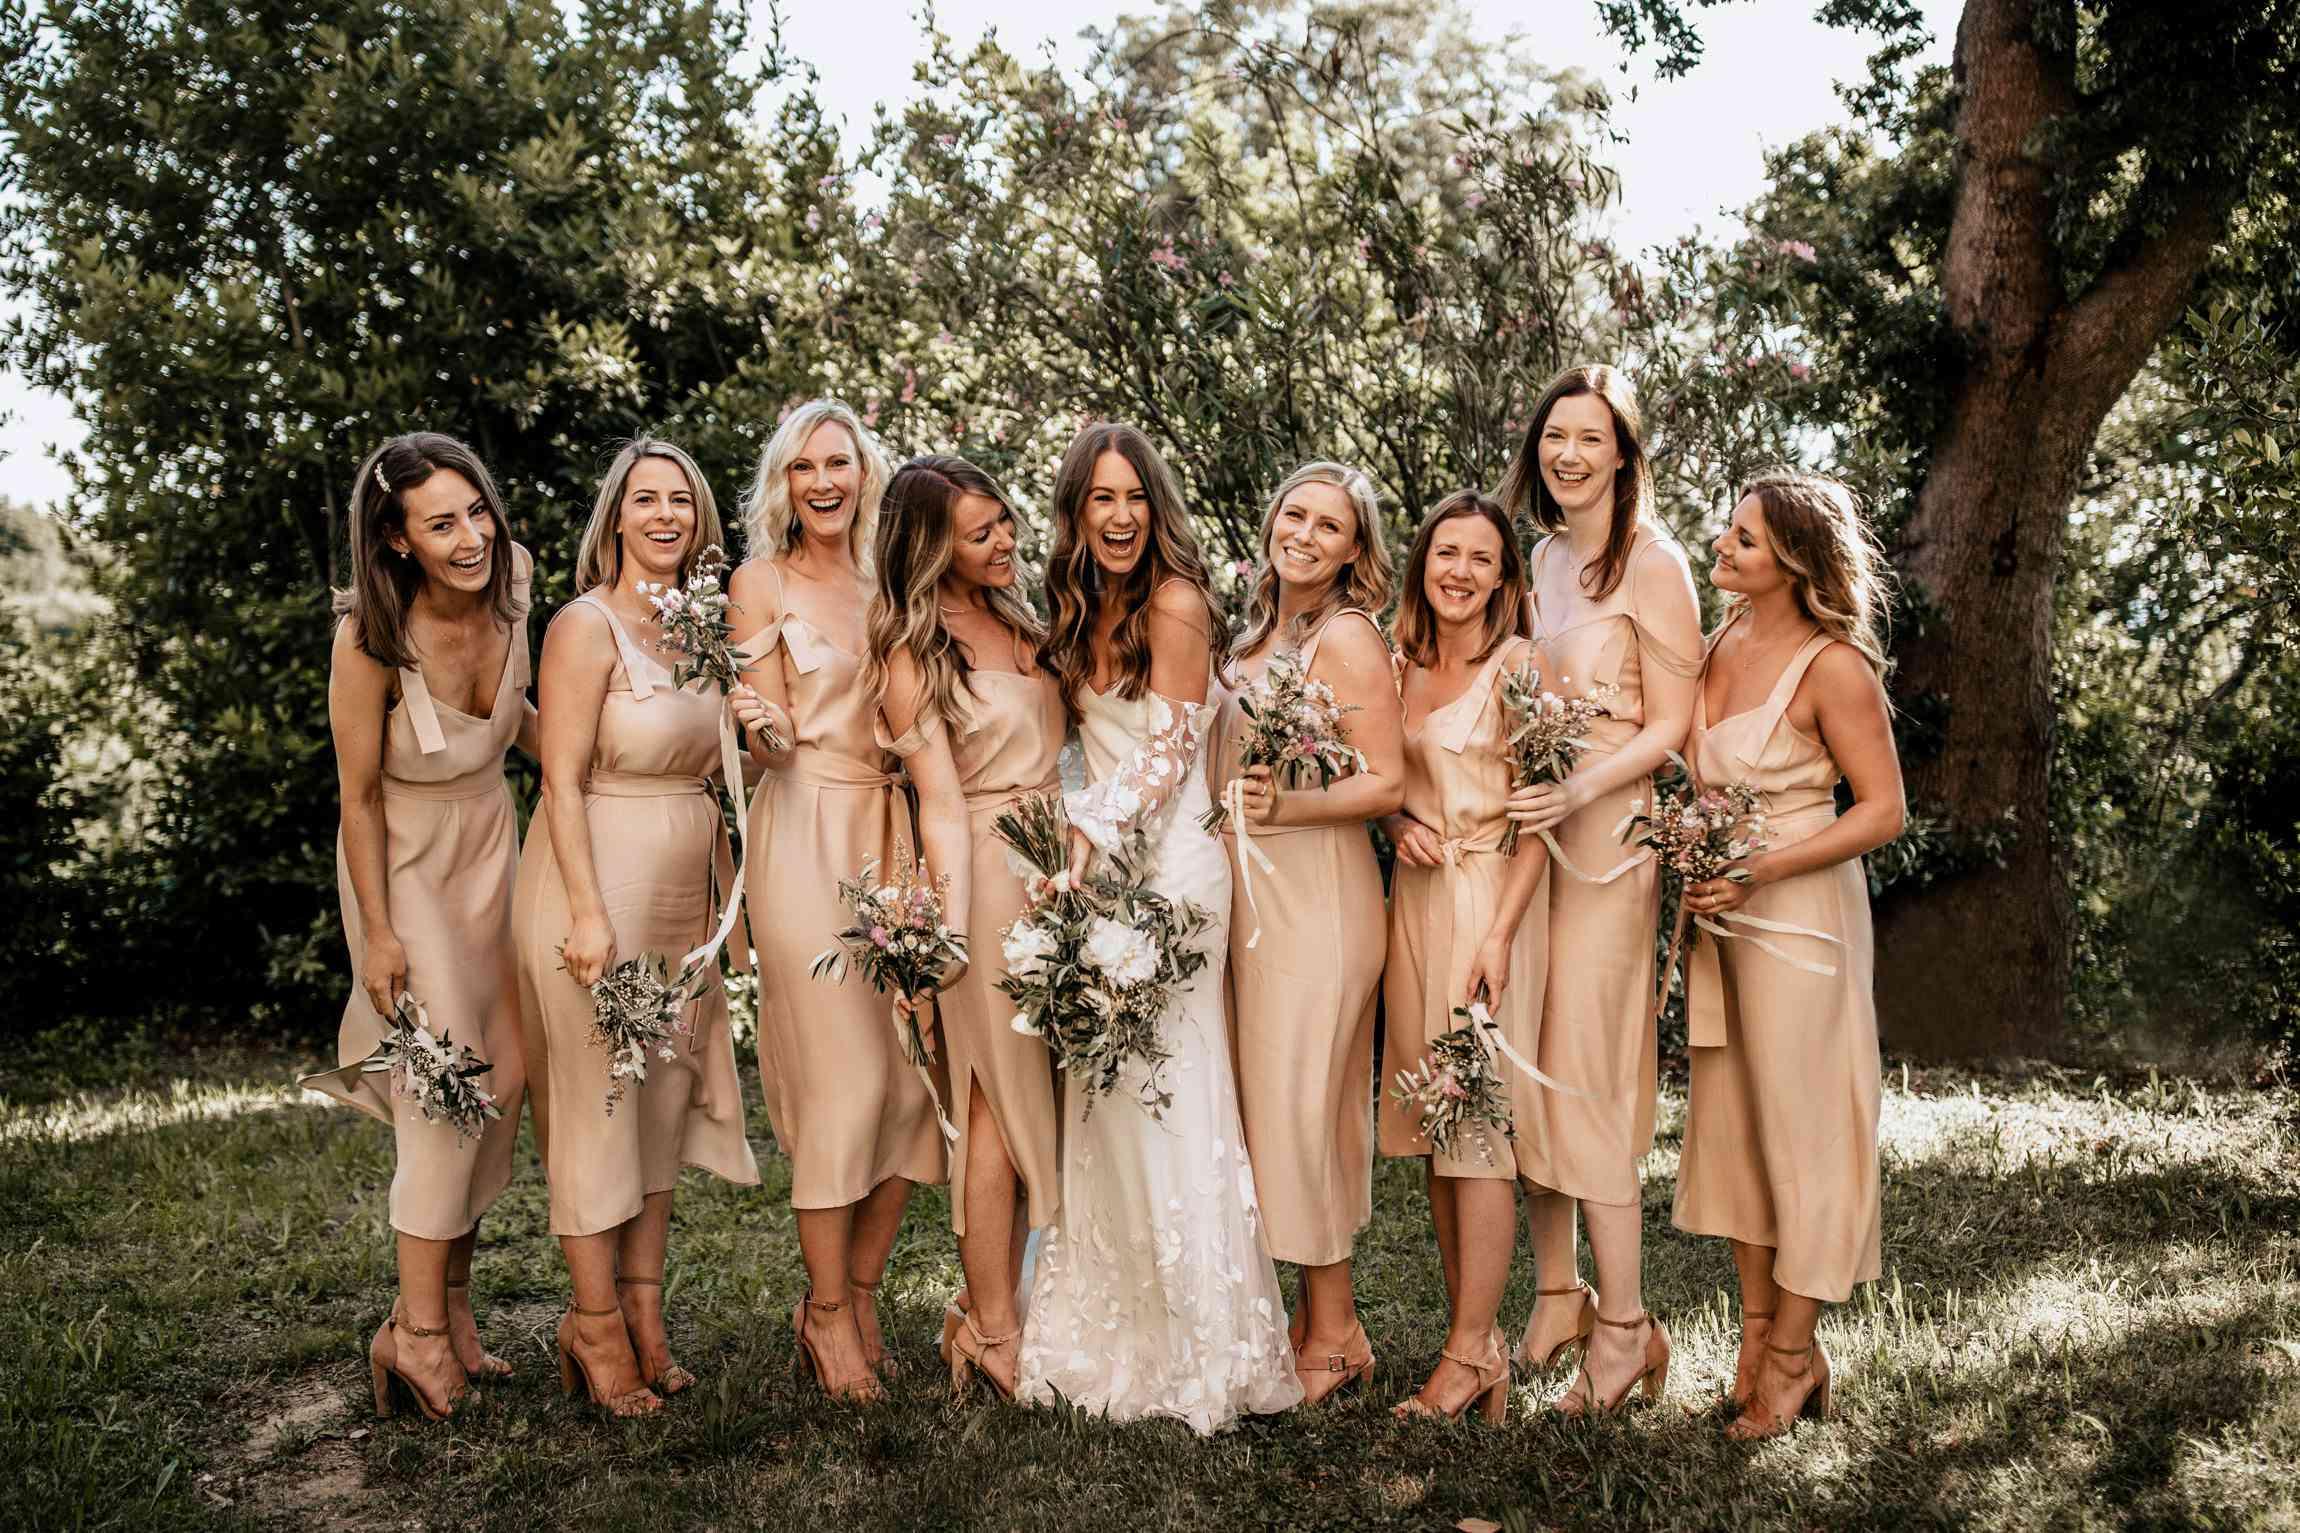 bridesmaids in slip dresses